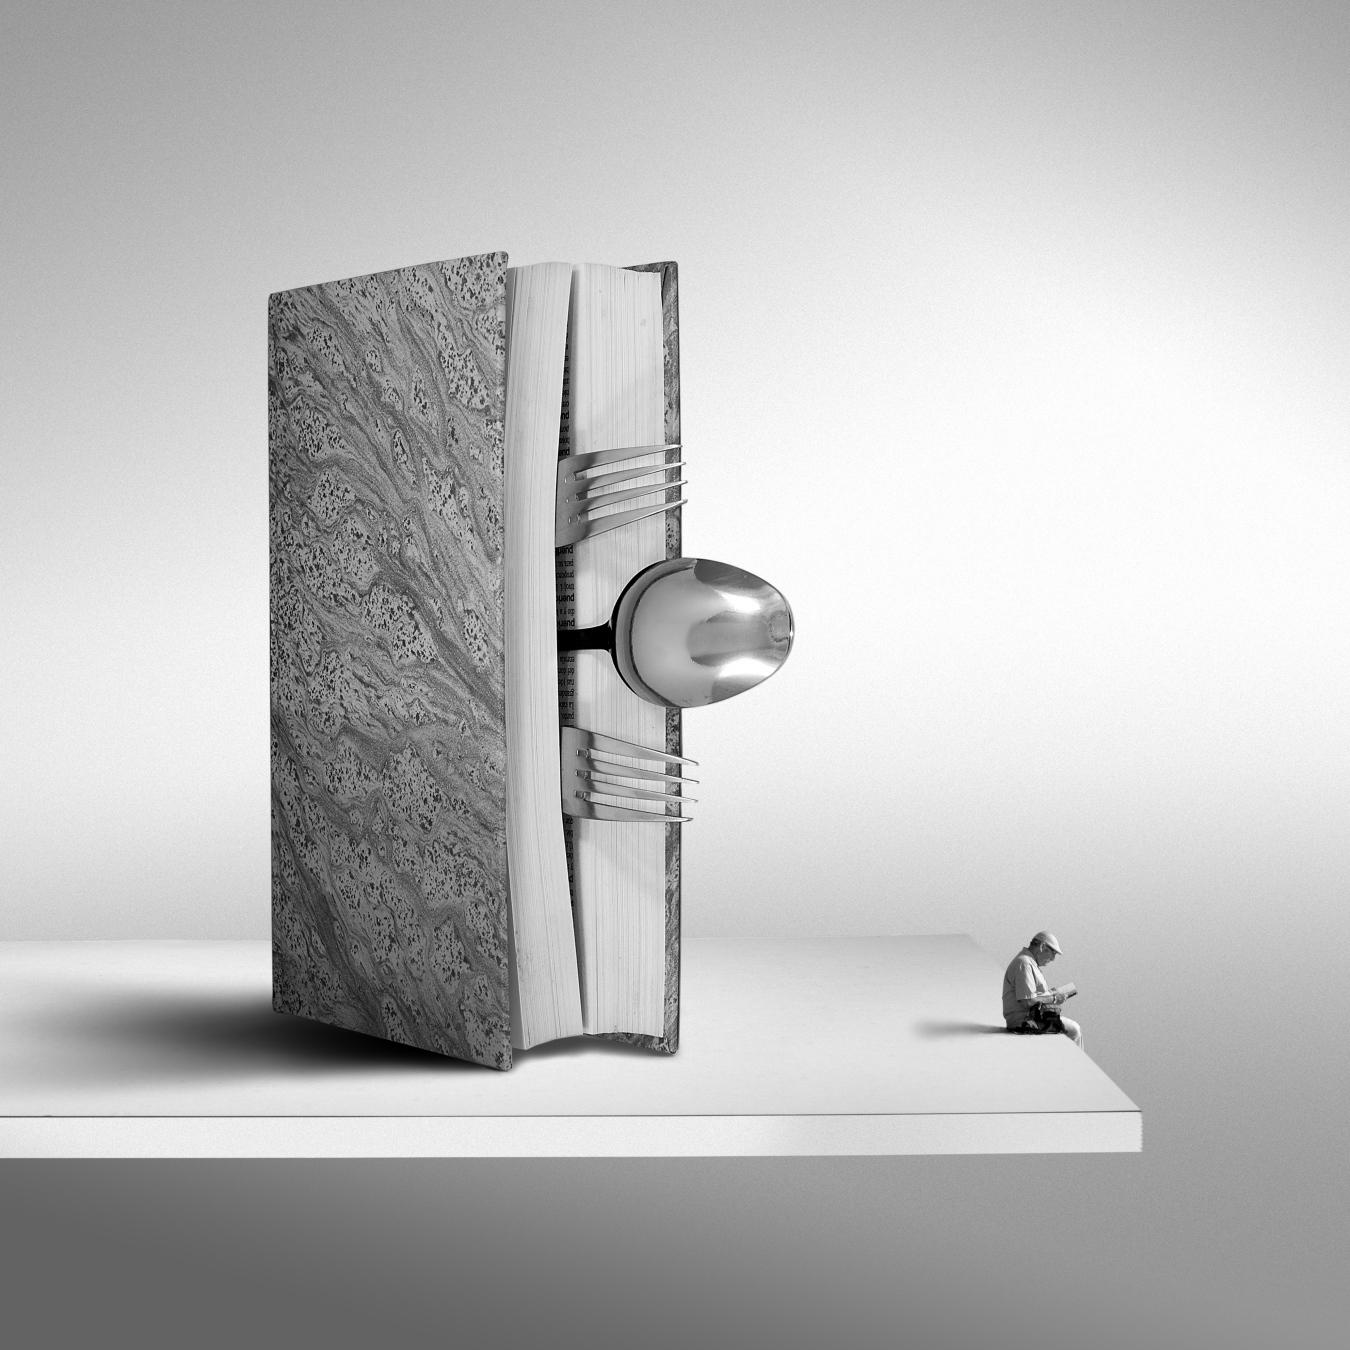 Creative still life - Urbano Suárez,  FineArt Photography